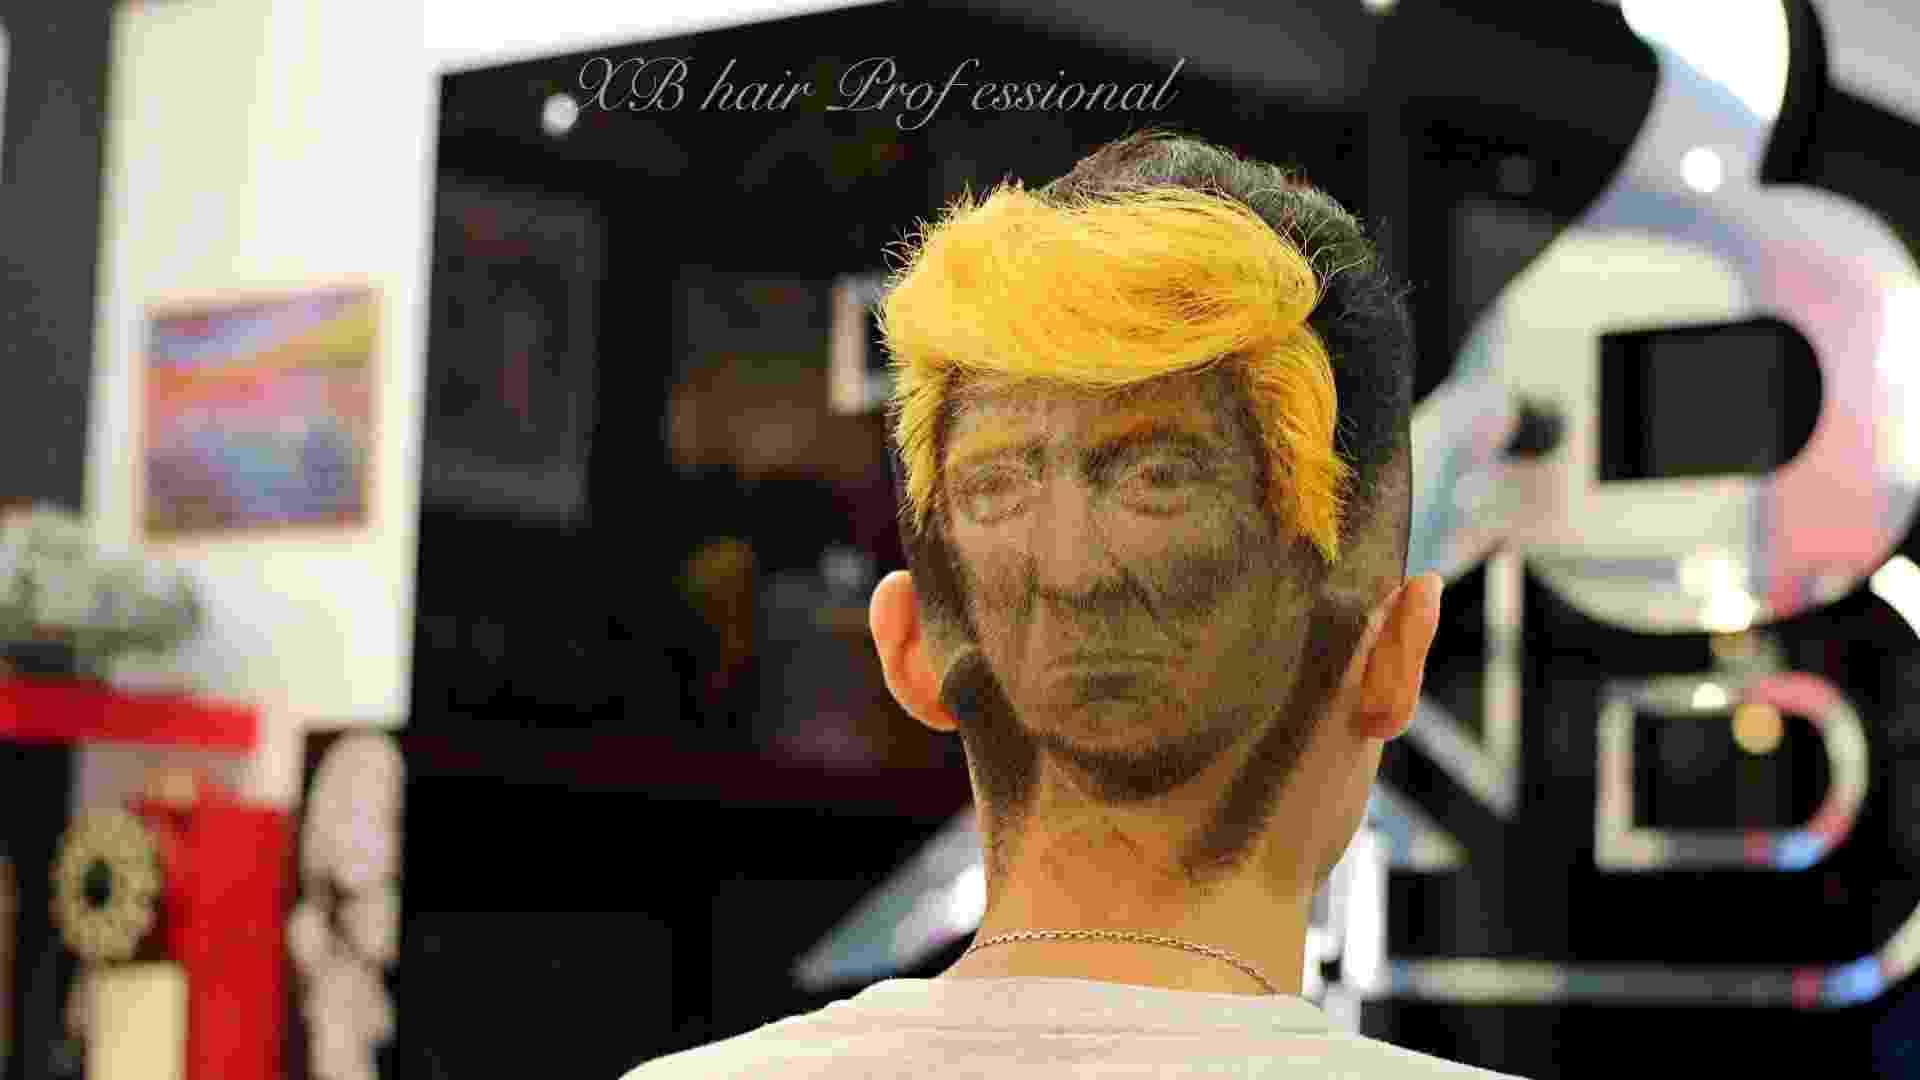 Para ter o Donald Trump estampado na cabeça, o cabeleireiro pinta parte dos fios de alaranjado, formando o característico topete. Os traços do rosto são cuidadosamente desenhados também - Reprodução/Facebook